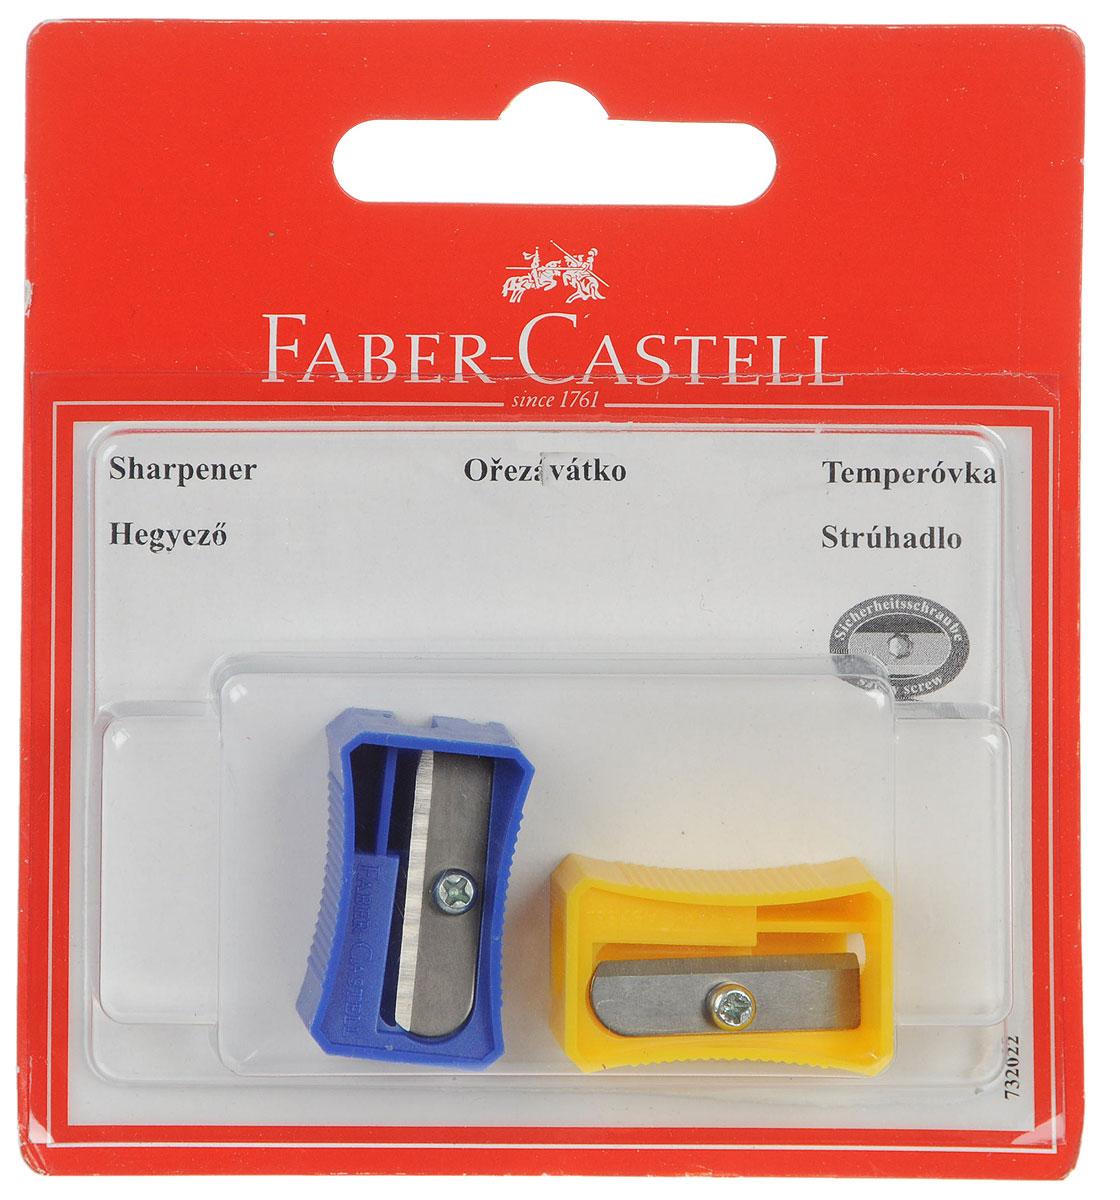 Точилка Faber-Castell предназначена для затачивания классических простых и цветных карандашей.В наборе две точилки из прочного пластика синего и желтого цветов с рифленой областью захвата. Острые лезвия обеспечивают высококачественную и точную заточку деревянных карандашей.